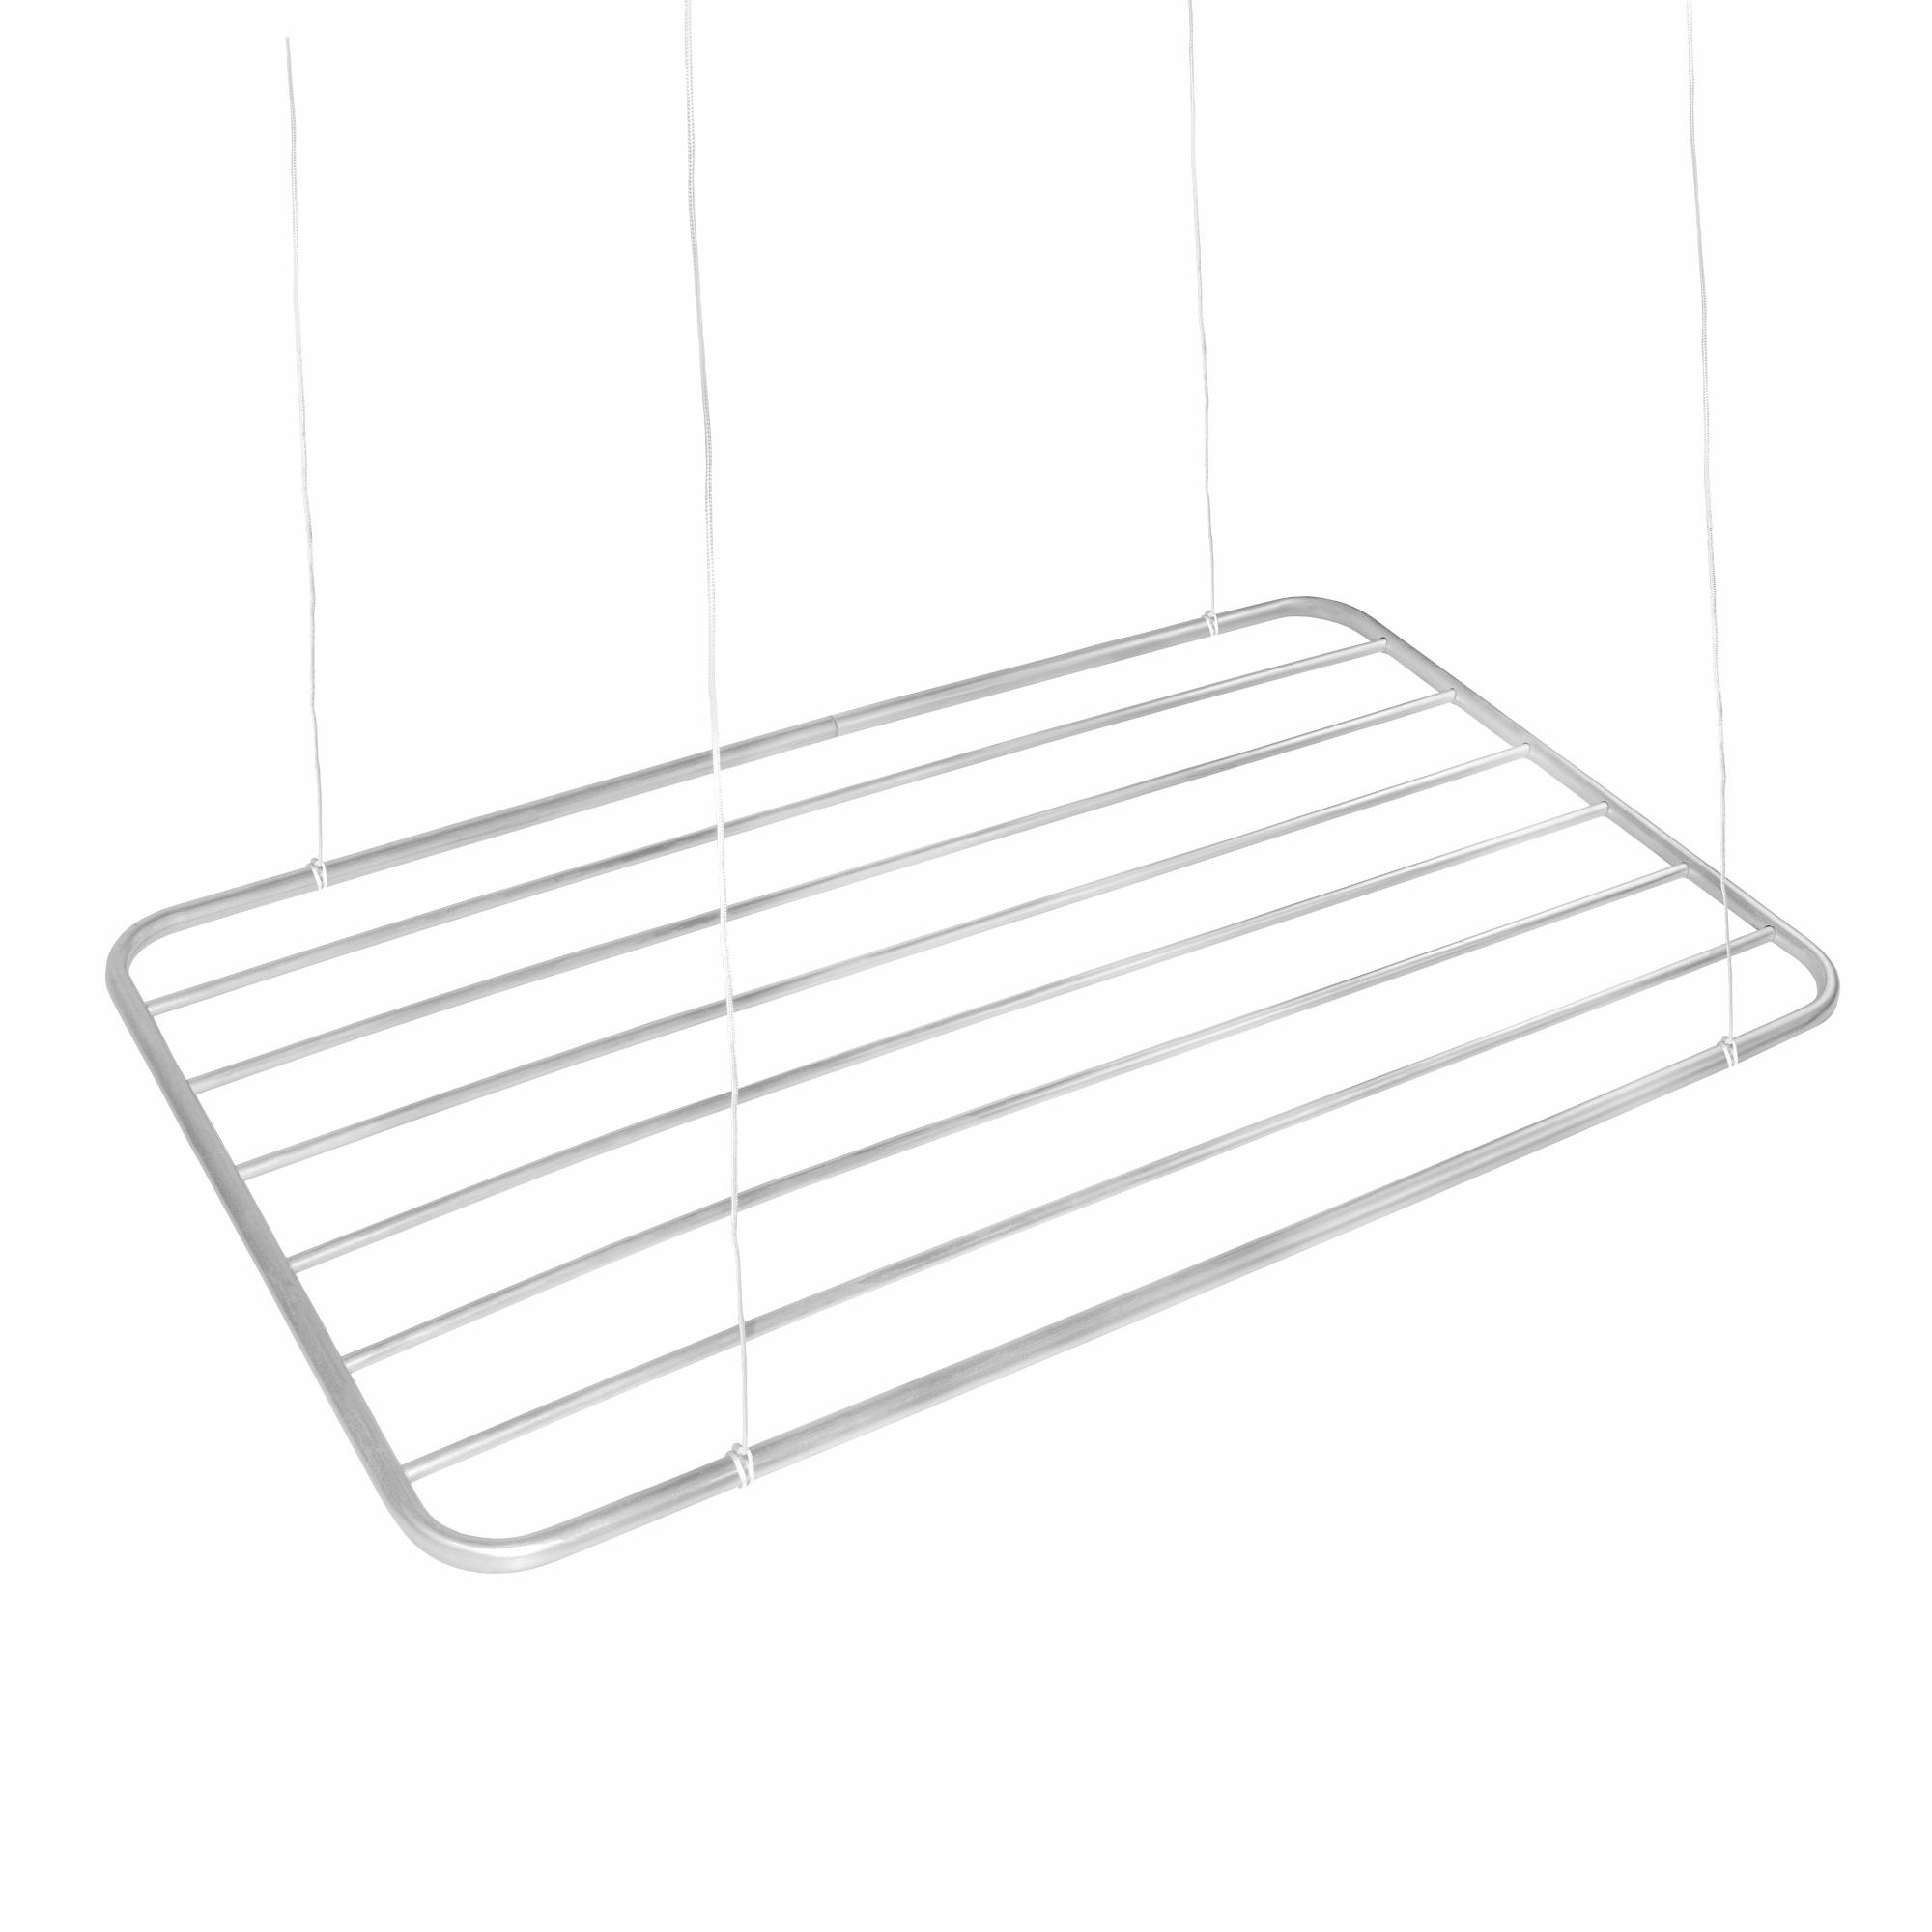 Varal de Teto Aluminio 56X120cm VT2 - SoVarais